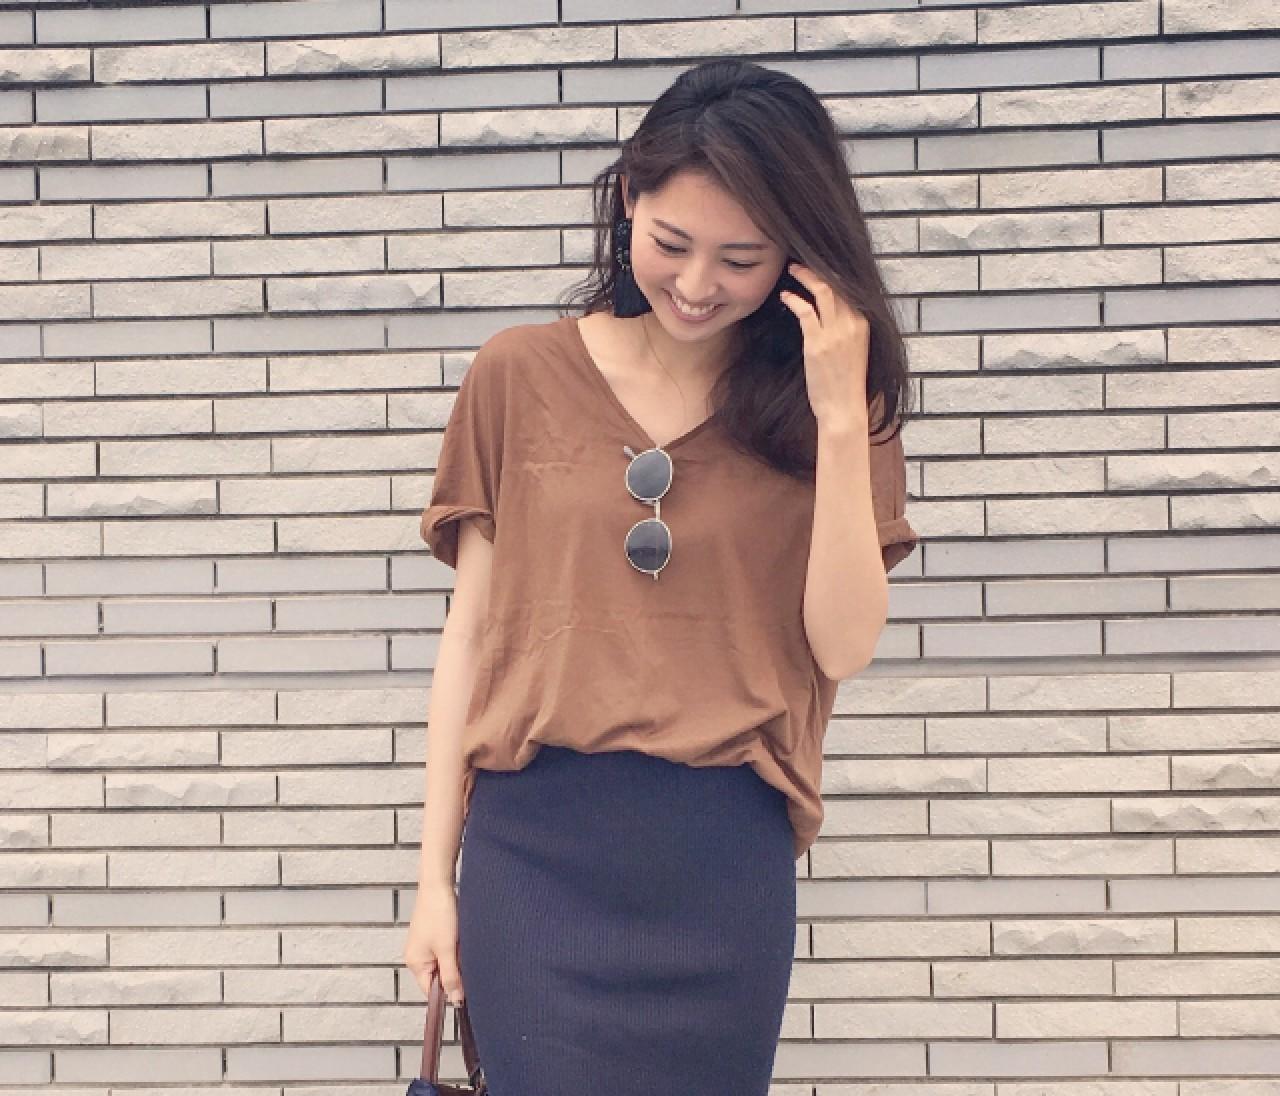 【スナップ】テラコッタTシャツ「ずるほそ」配色でもっときれいに!